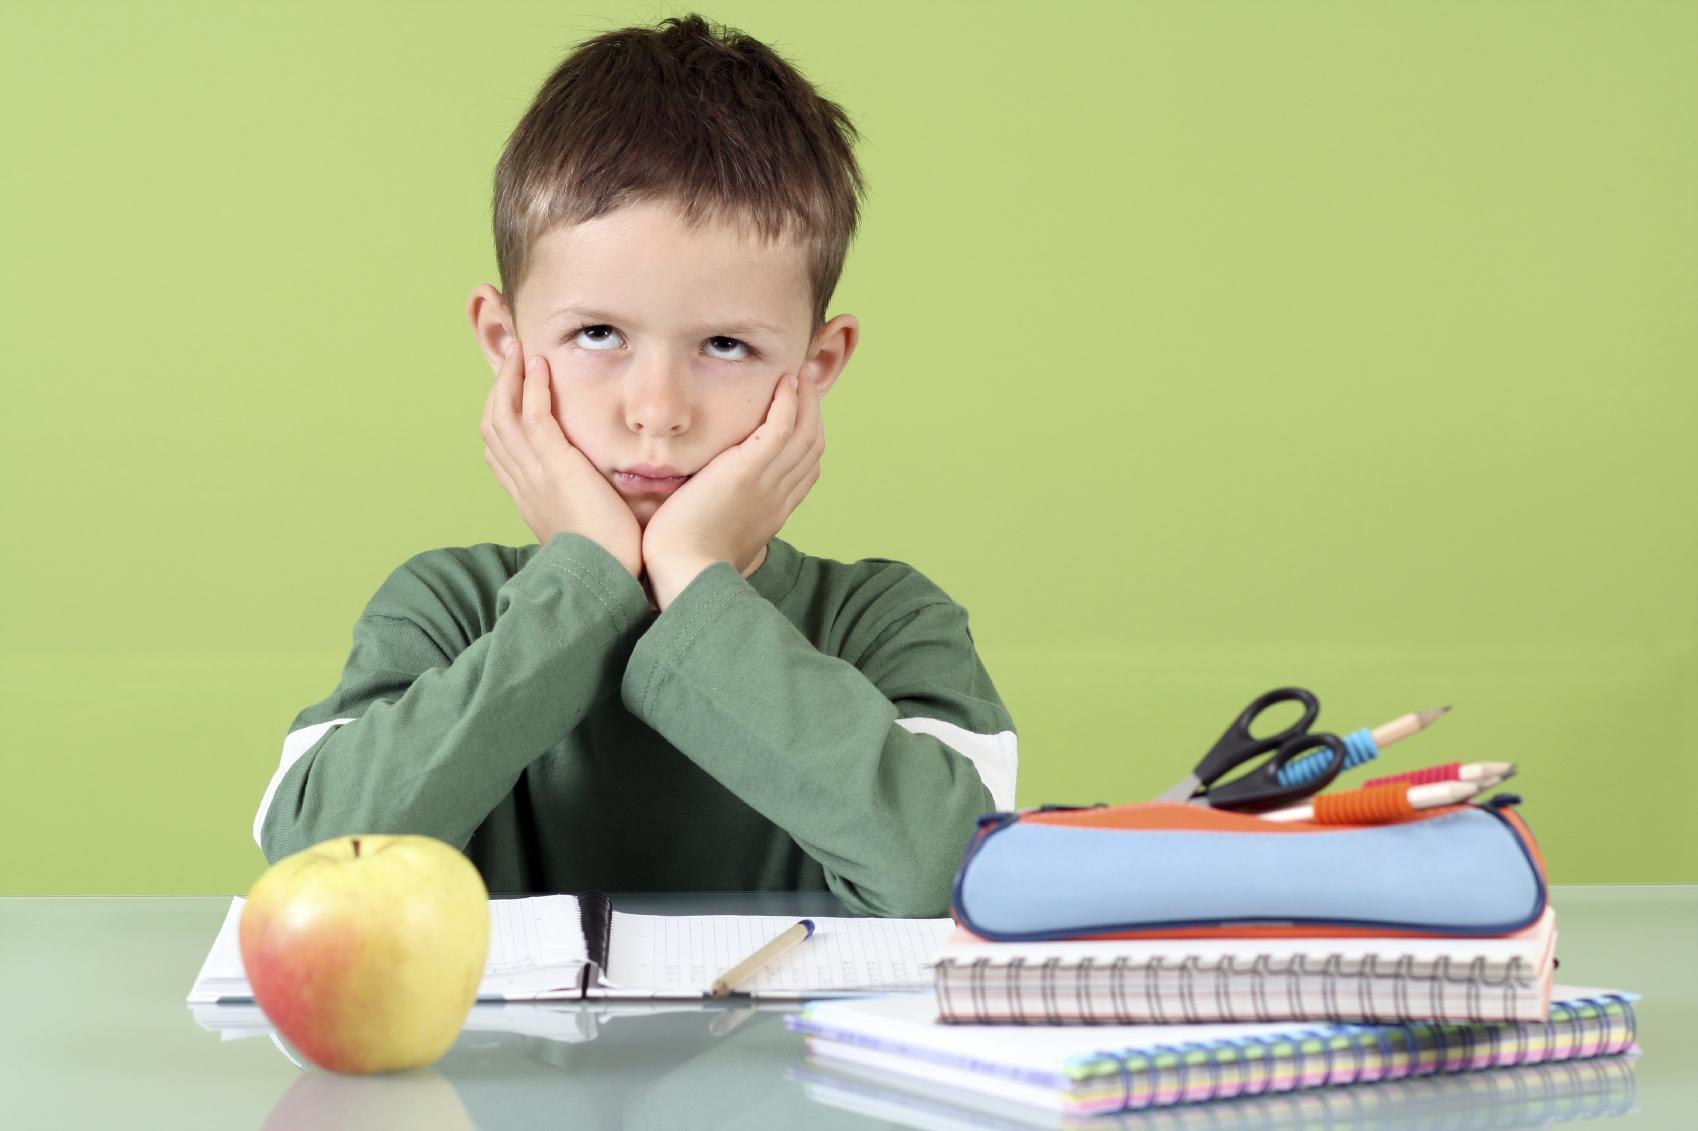 Η Μετάβαση του Παιδιού από την Οικογένεια στο Σχολείο – Πώς θα τη Διευκολύνετε